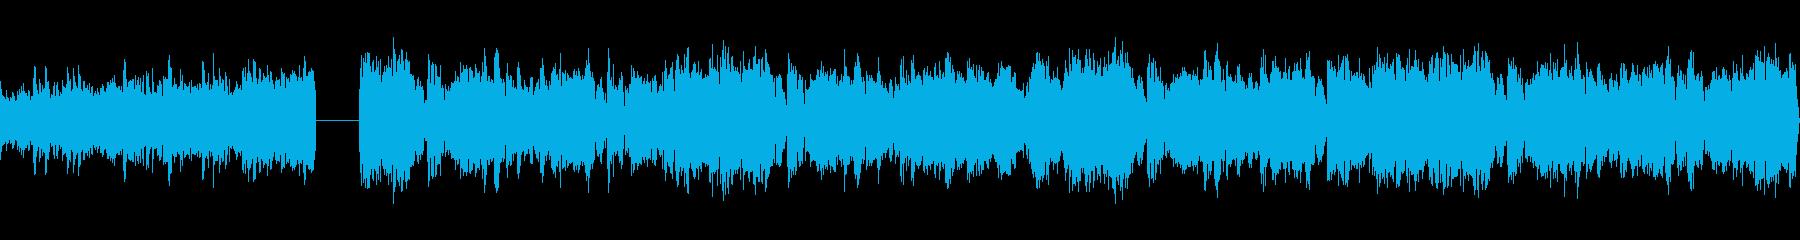 eスポーツ大会EDM メロディック30秒の再生済みの波形